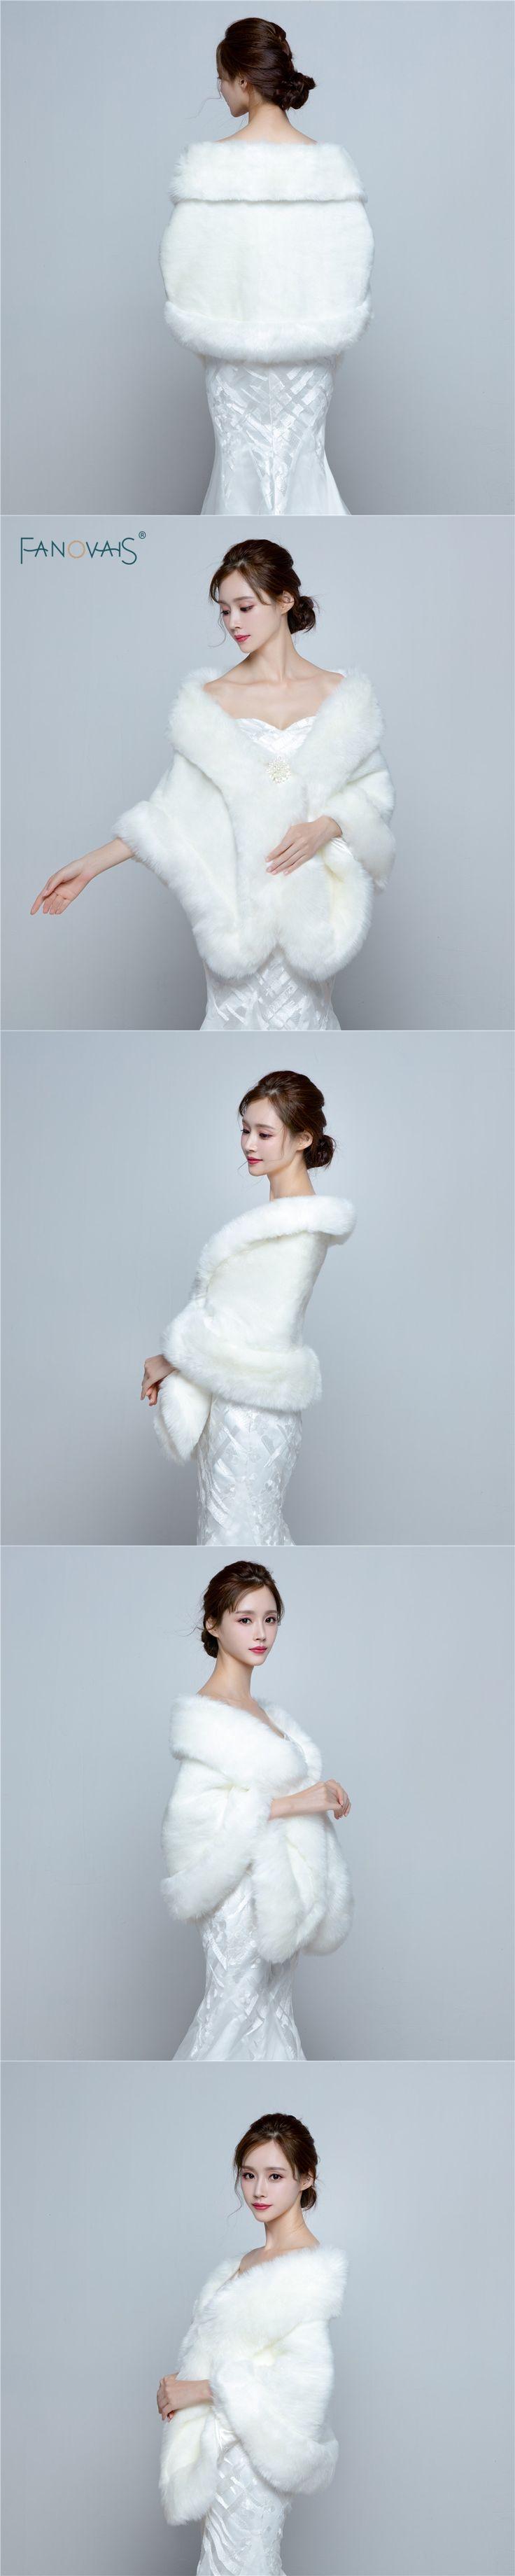 2016 Wedding Bolero Jacket Womens Faux Fur Coat Ivory Winter Jackets Bridal Coats And Wraps Shawl For Brides PBJ19